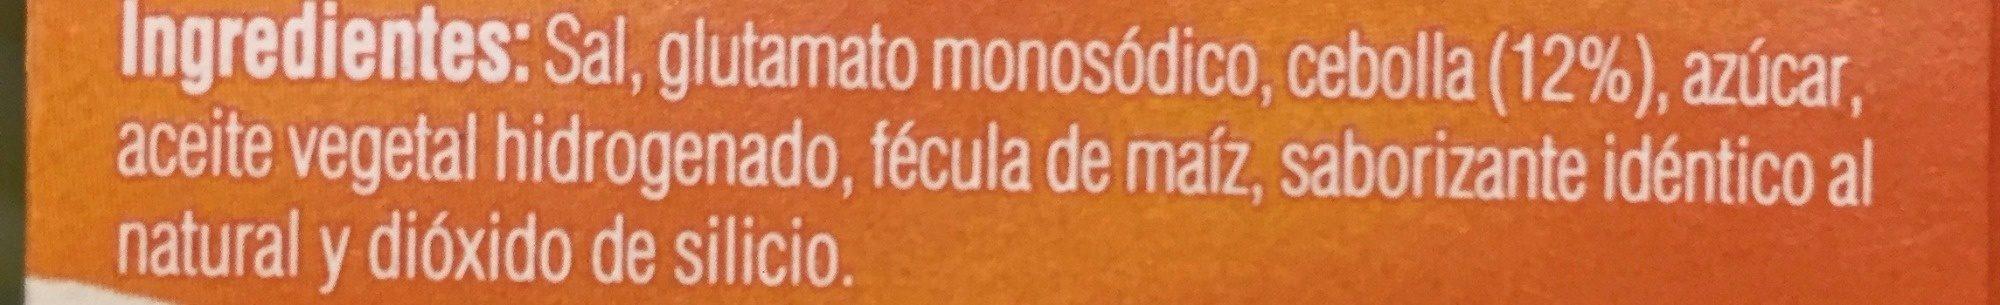 MINI CUBOS CEBOLLA - Ingredients - es